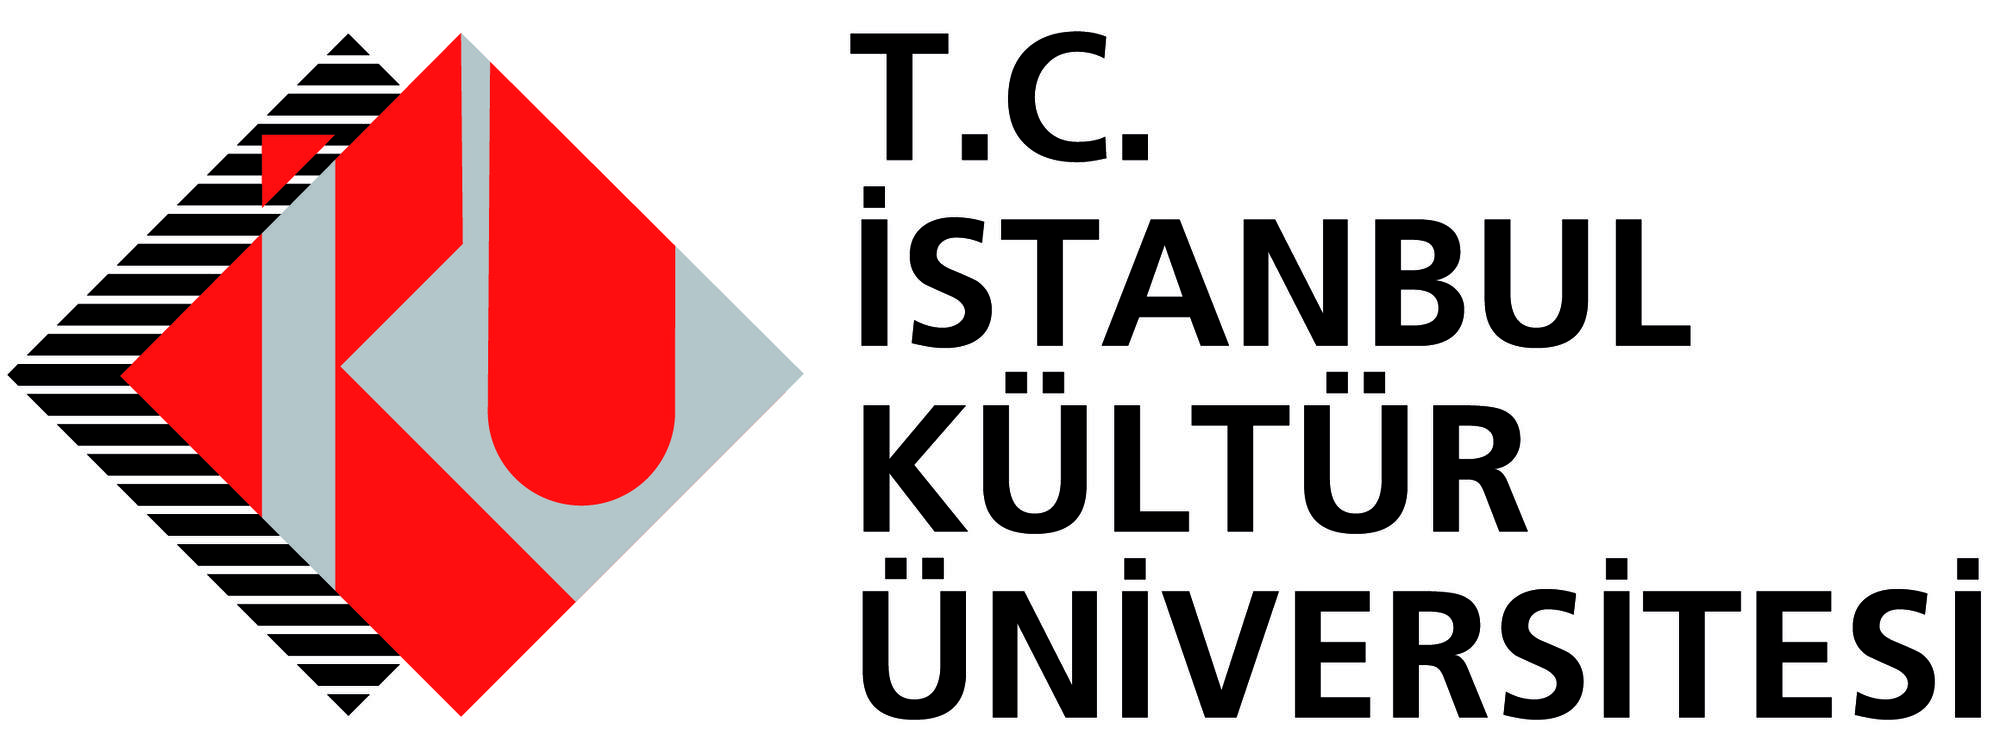 İstanbul Kültür Üniversitesi Fikri Haklar Uygulama ve Araştırma Merkezi